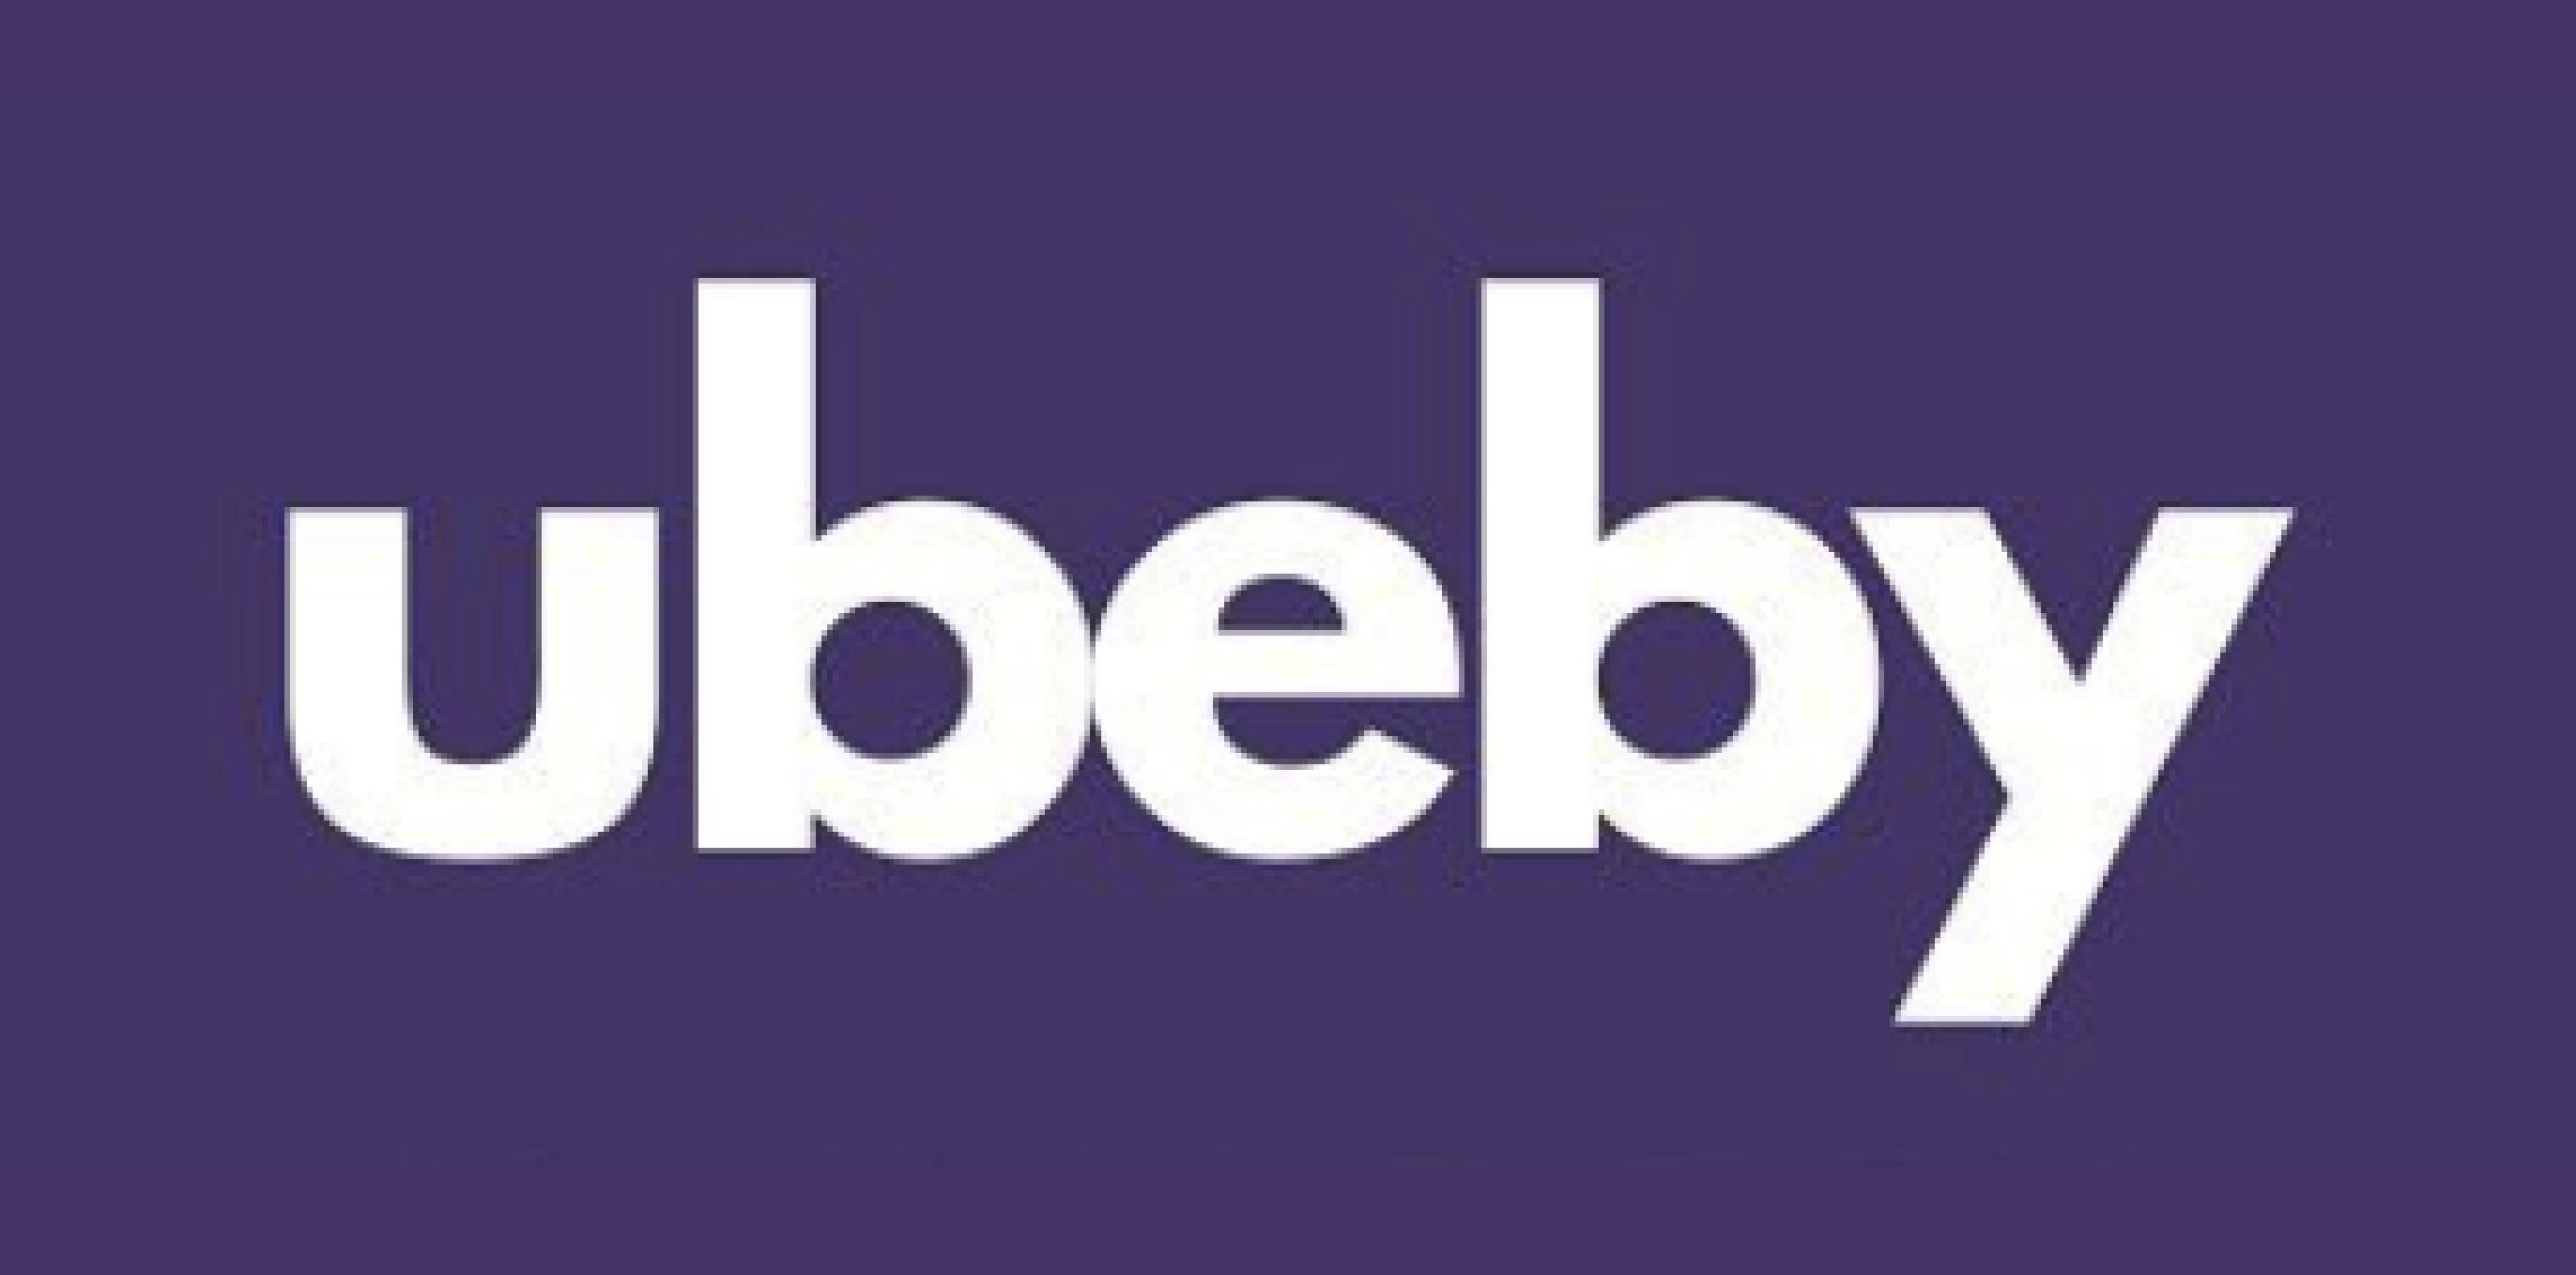 Ubeby brand image